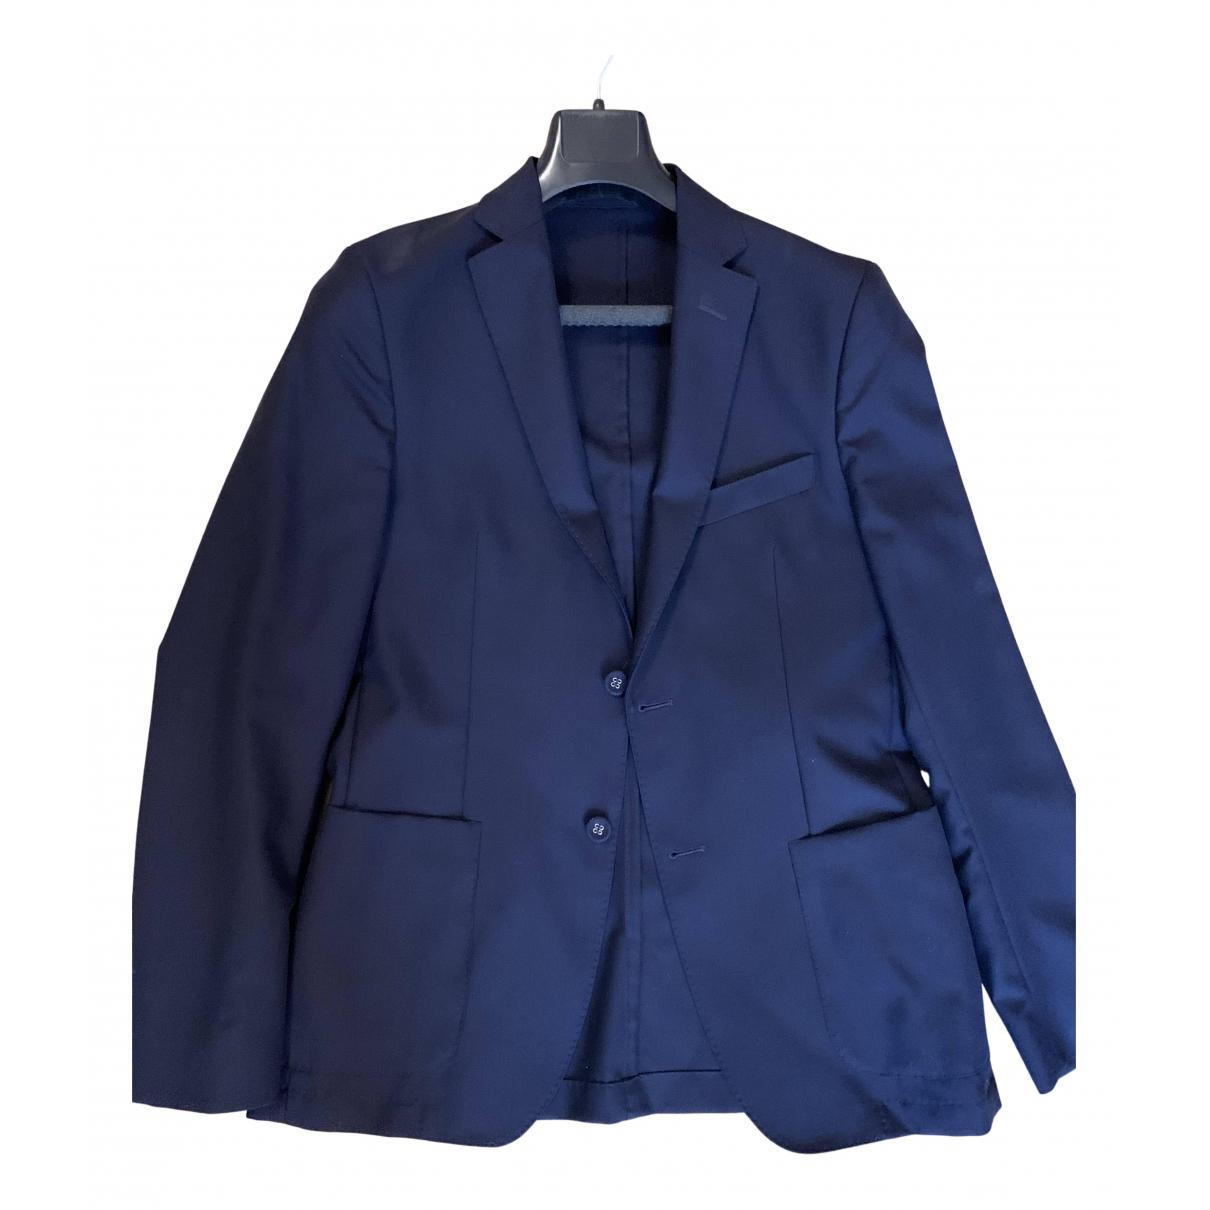 Officine Generale - Vestes.Blousons   pour homme en laine - bleu